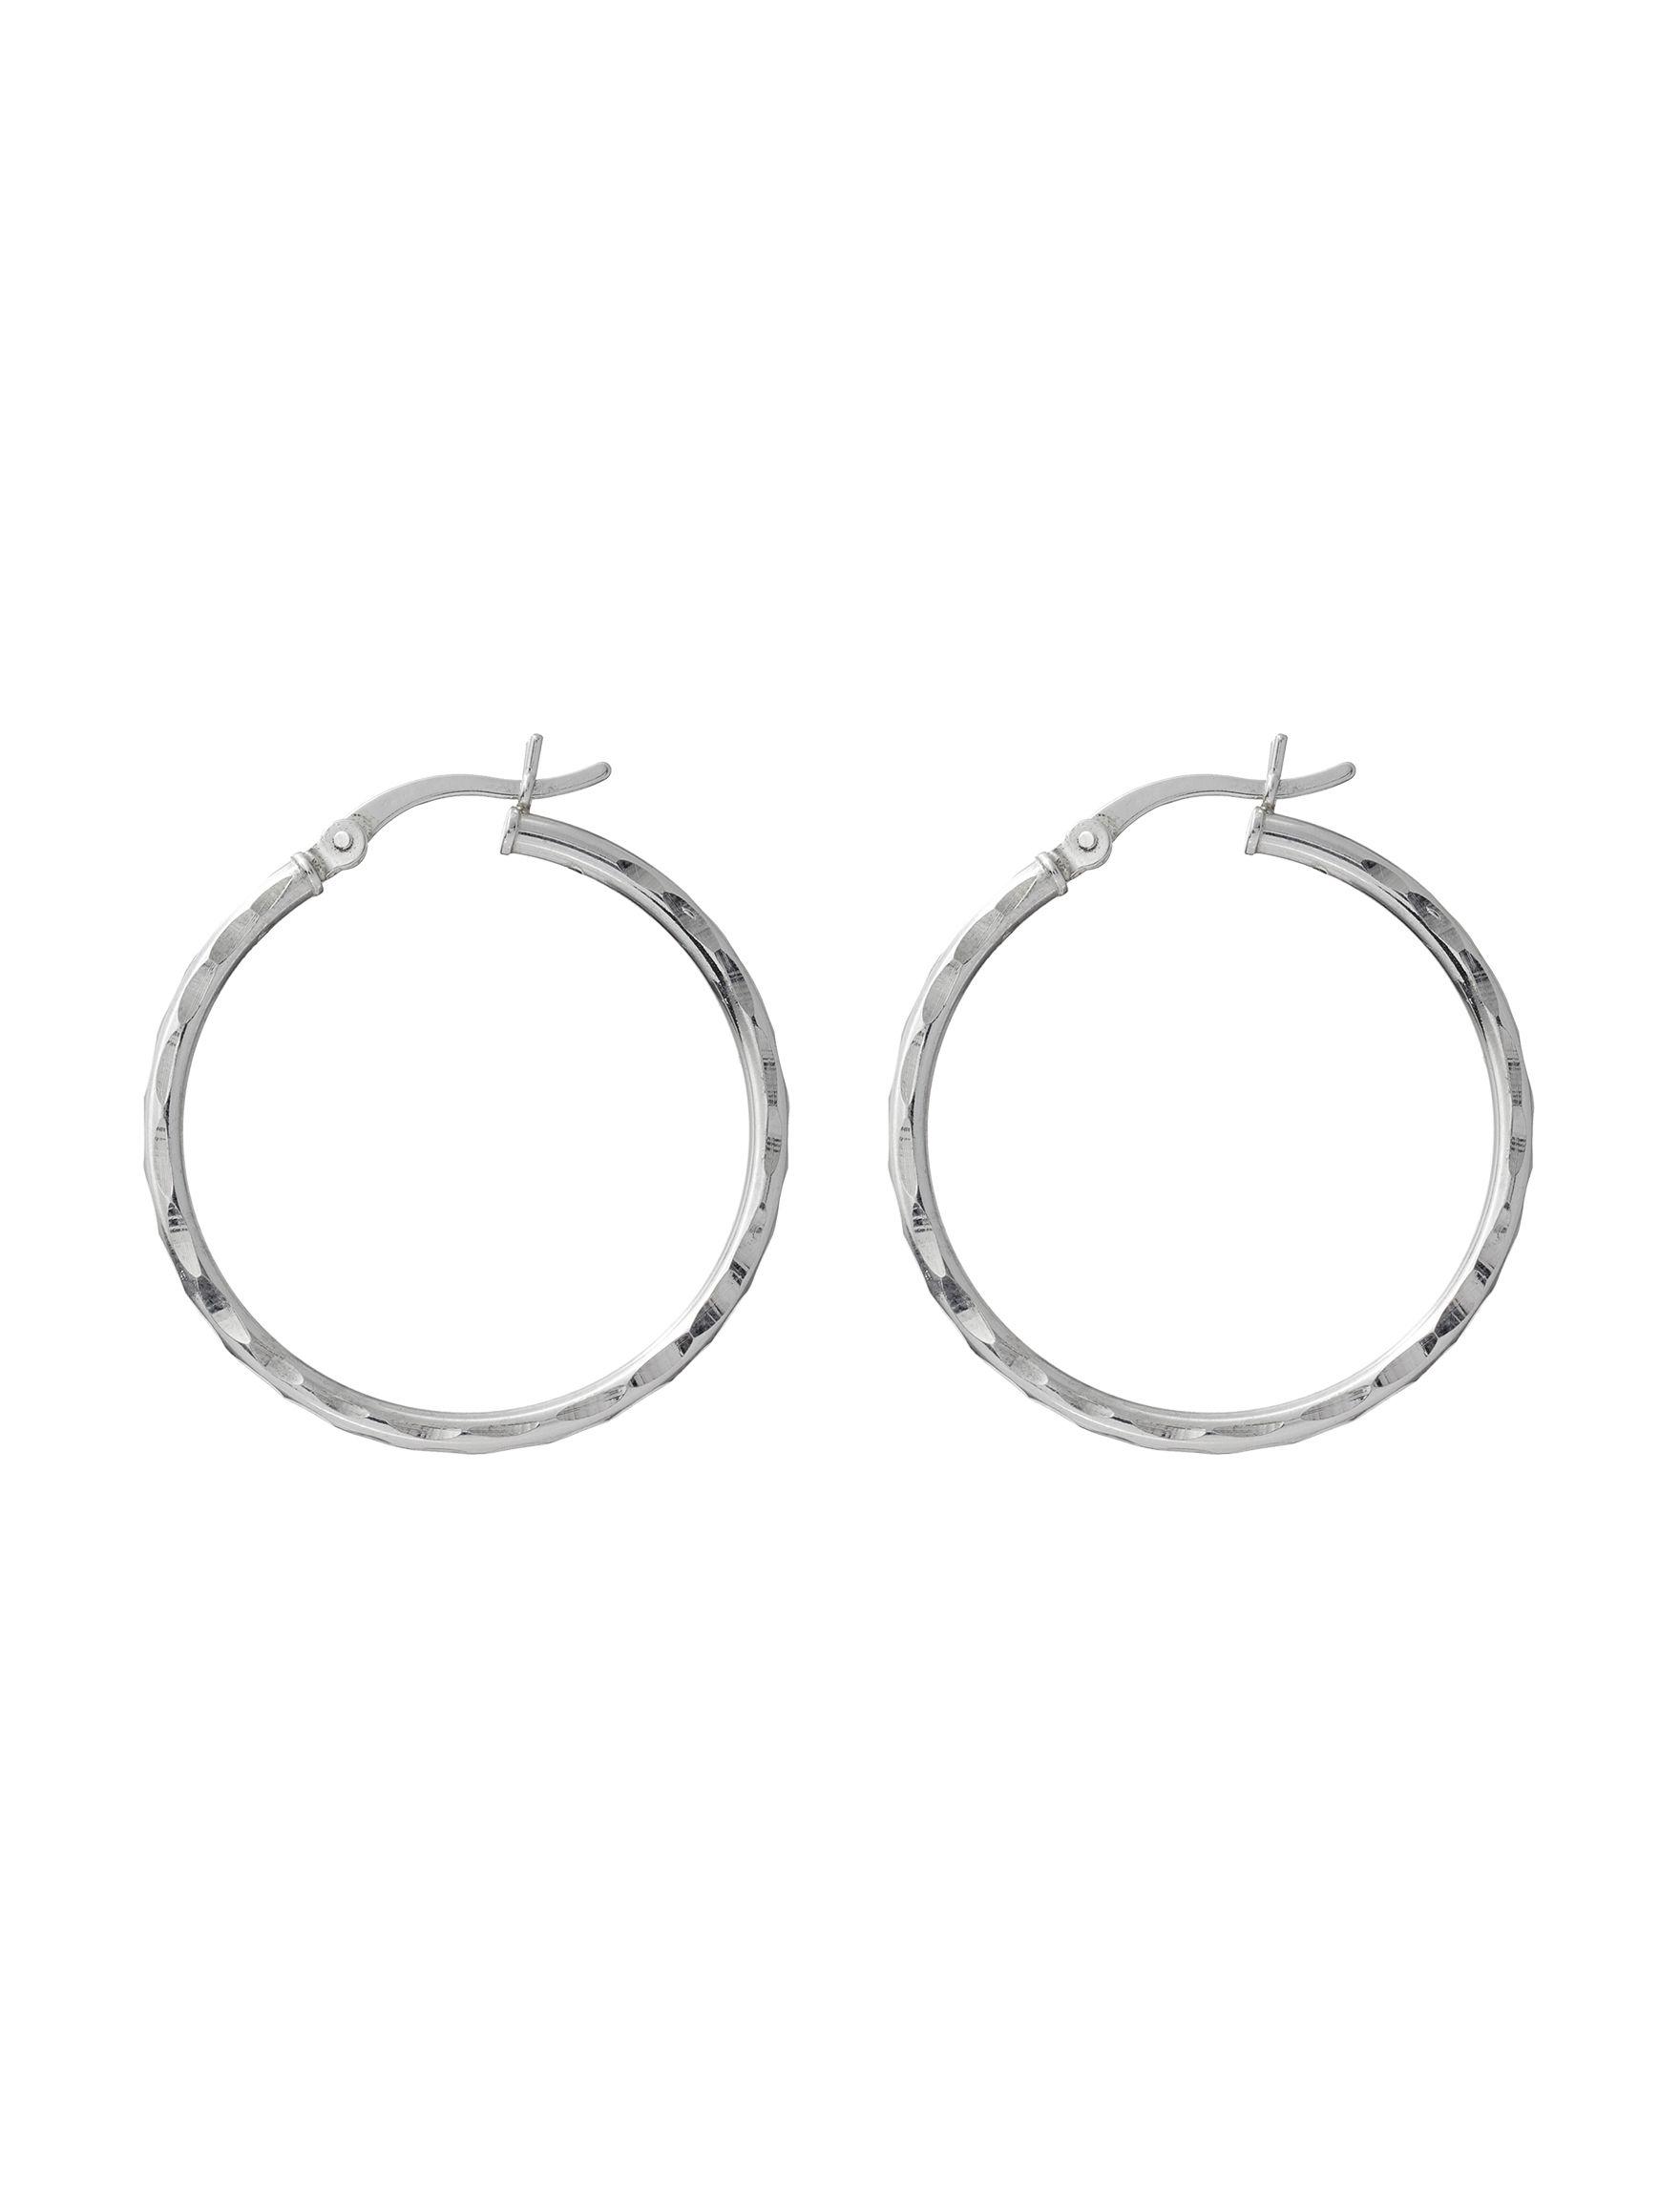 Marsala Sterling Silver Hoops Earrings Fine Jewelry